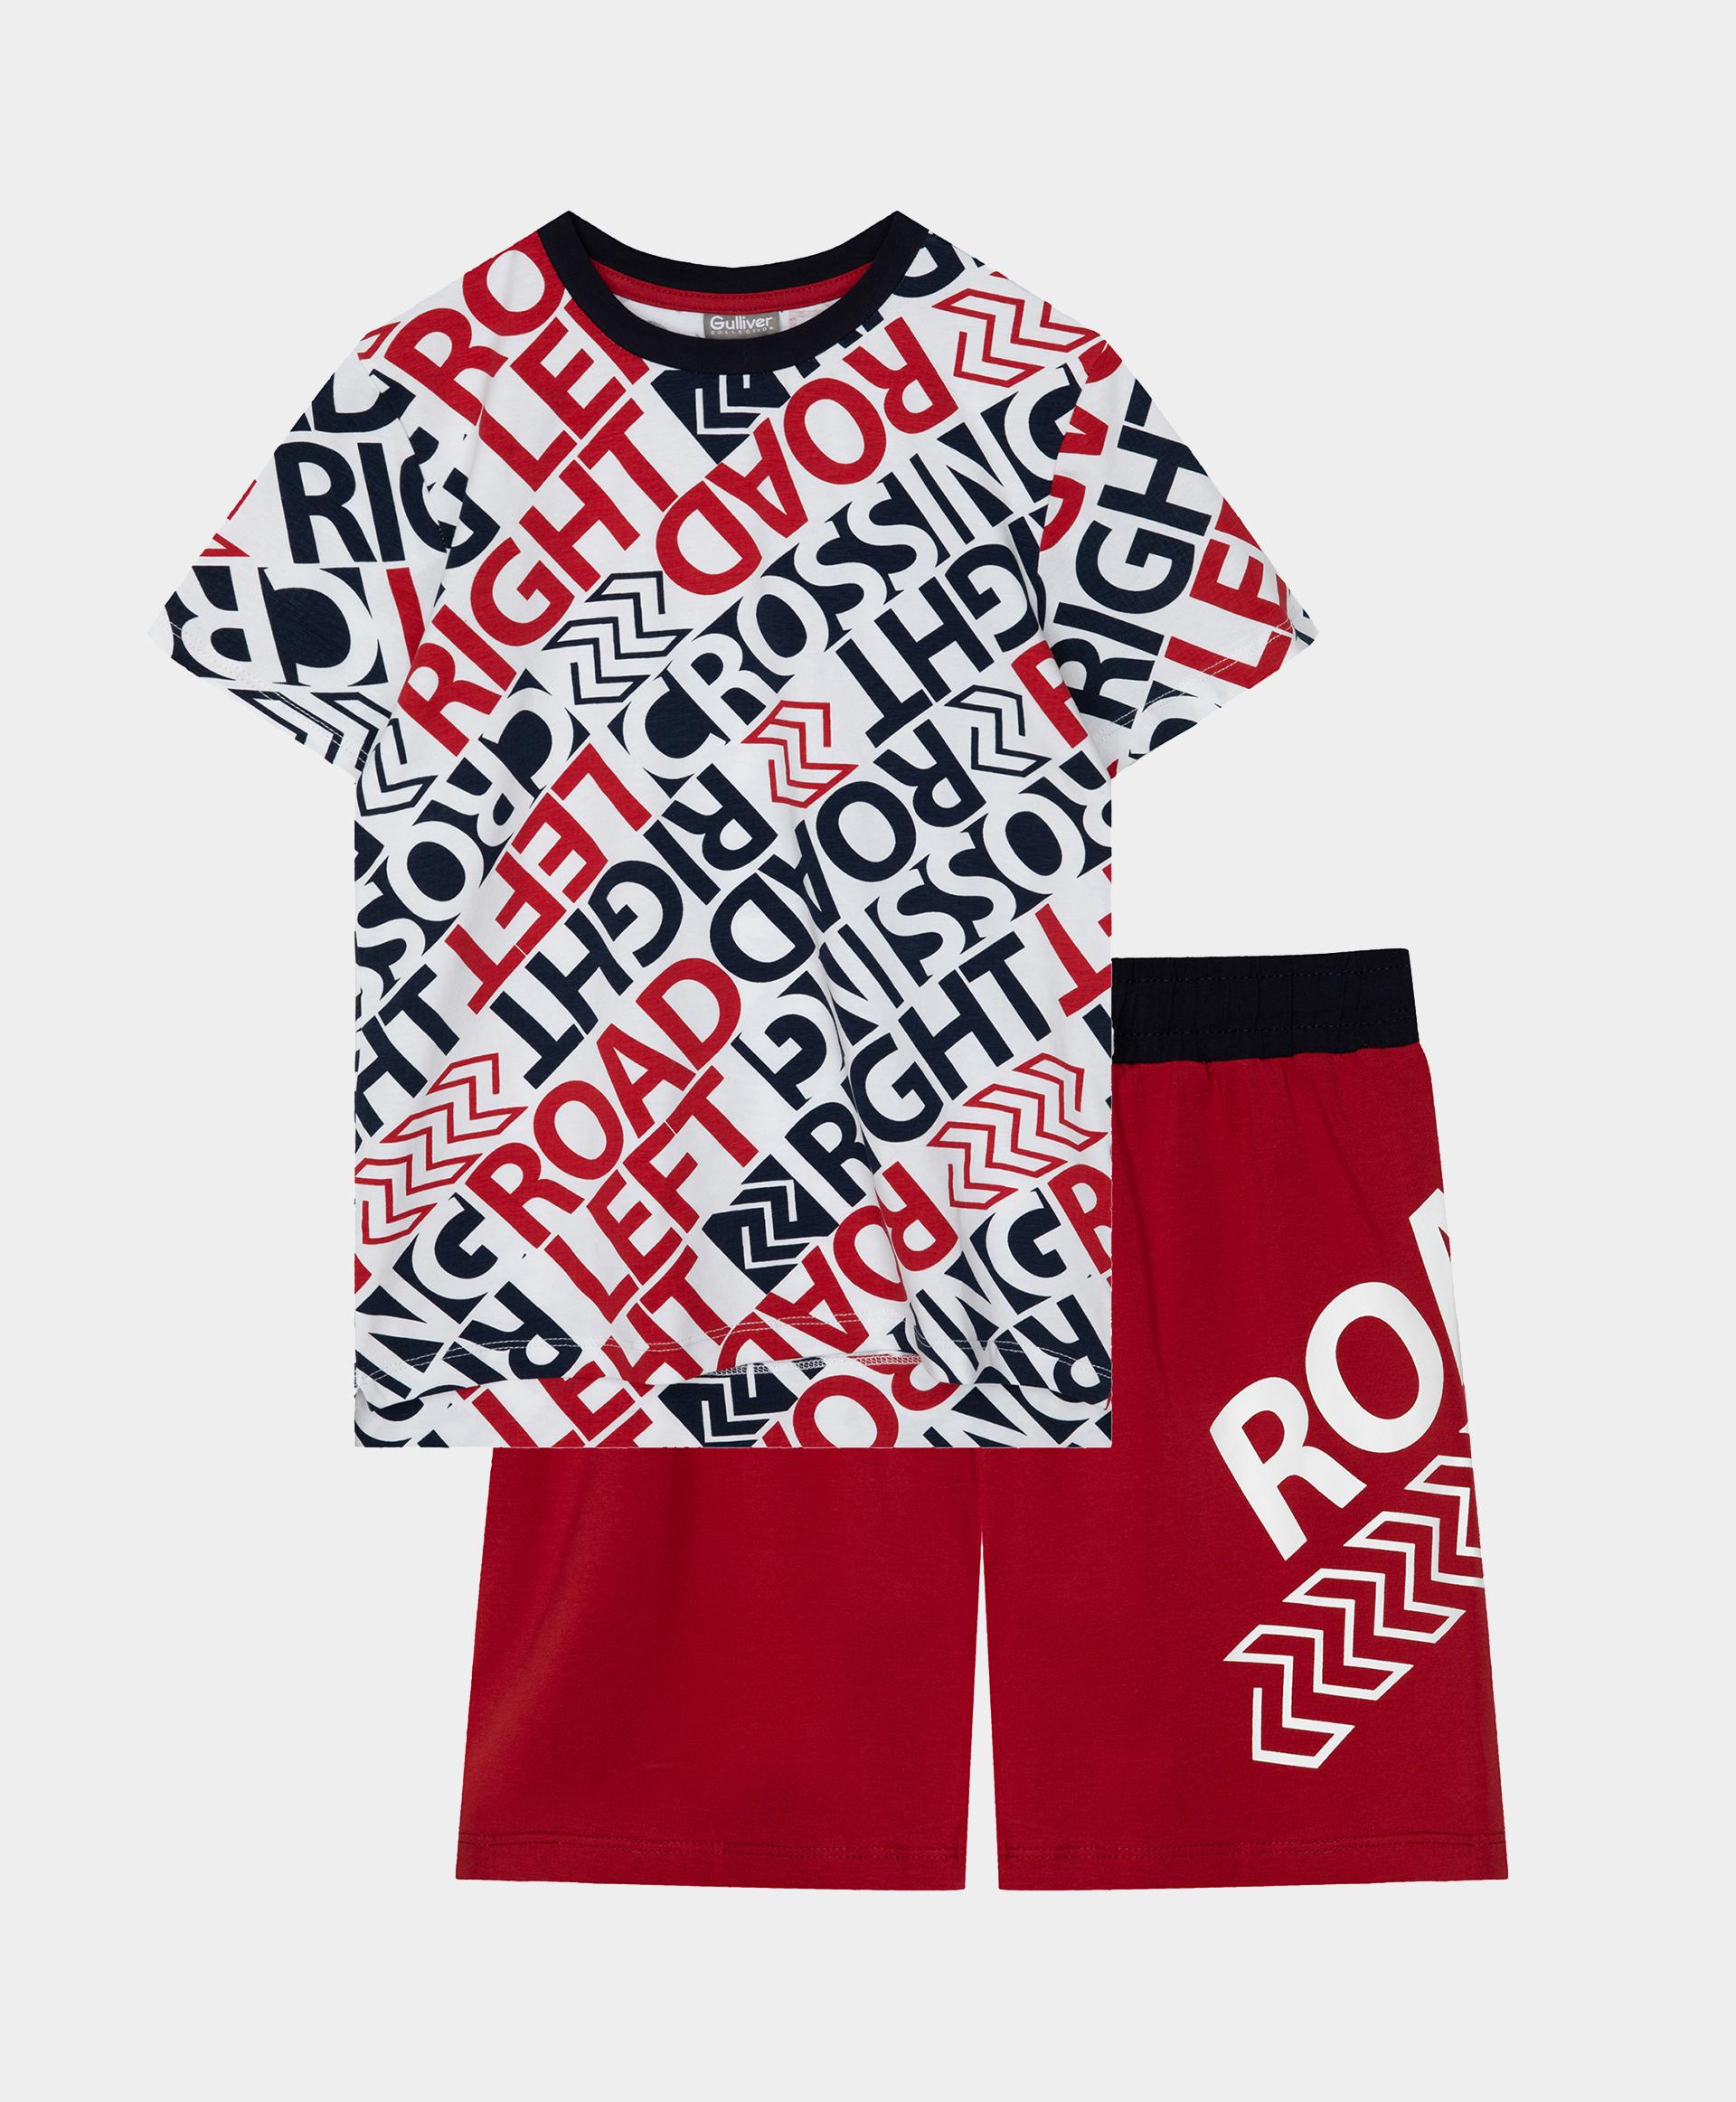 Купить 12100BC9701, Пижама с шортами с принтом Gulliver, мультицвет, 158-164, Хлопок, Мужской, Лето, ВЕСНА/ЛЕТО 2021 (shop: GulliverMarket Gulliver Market)